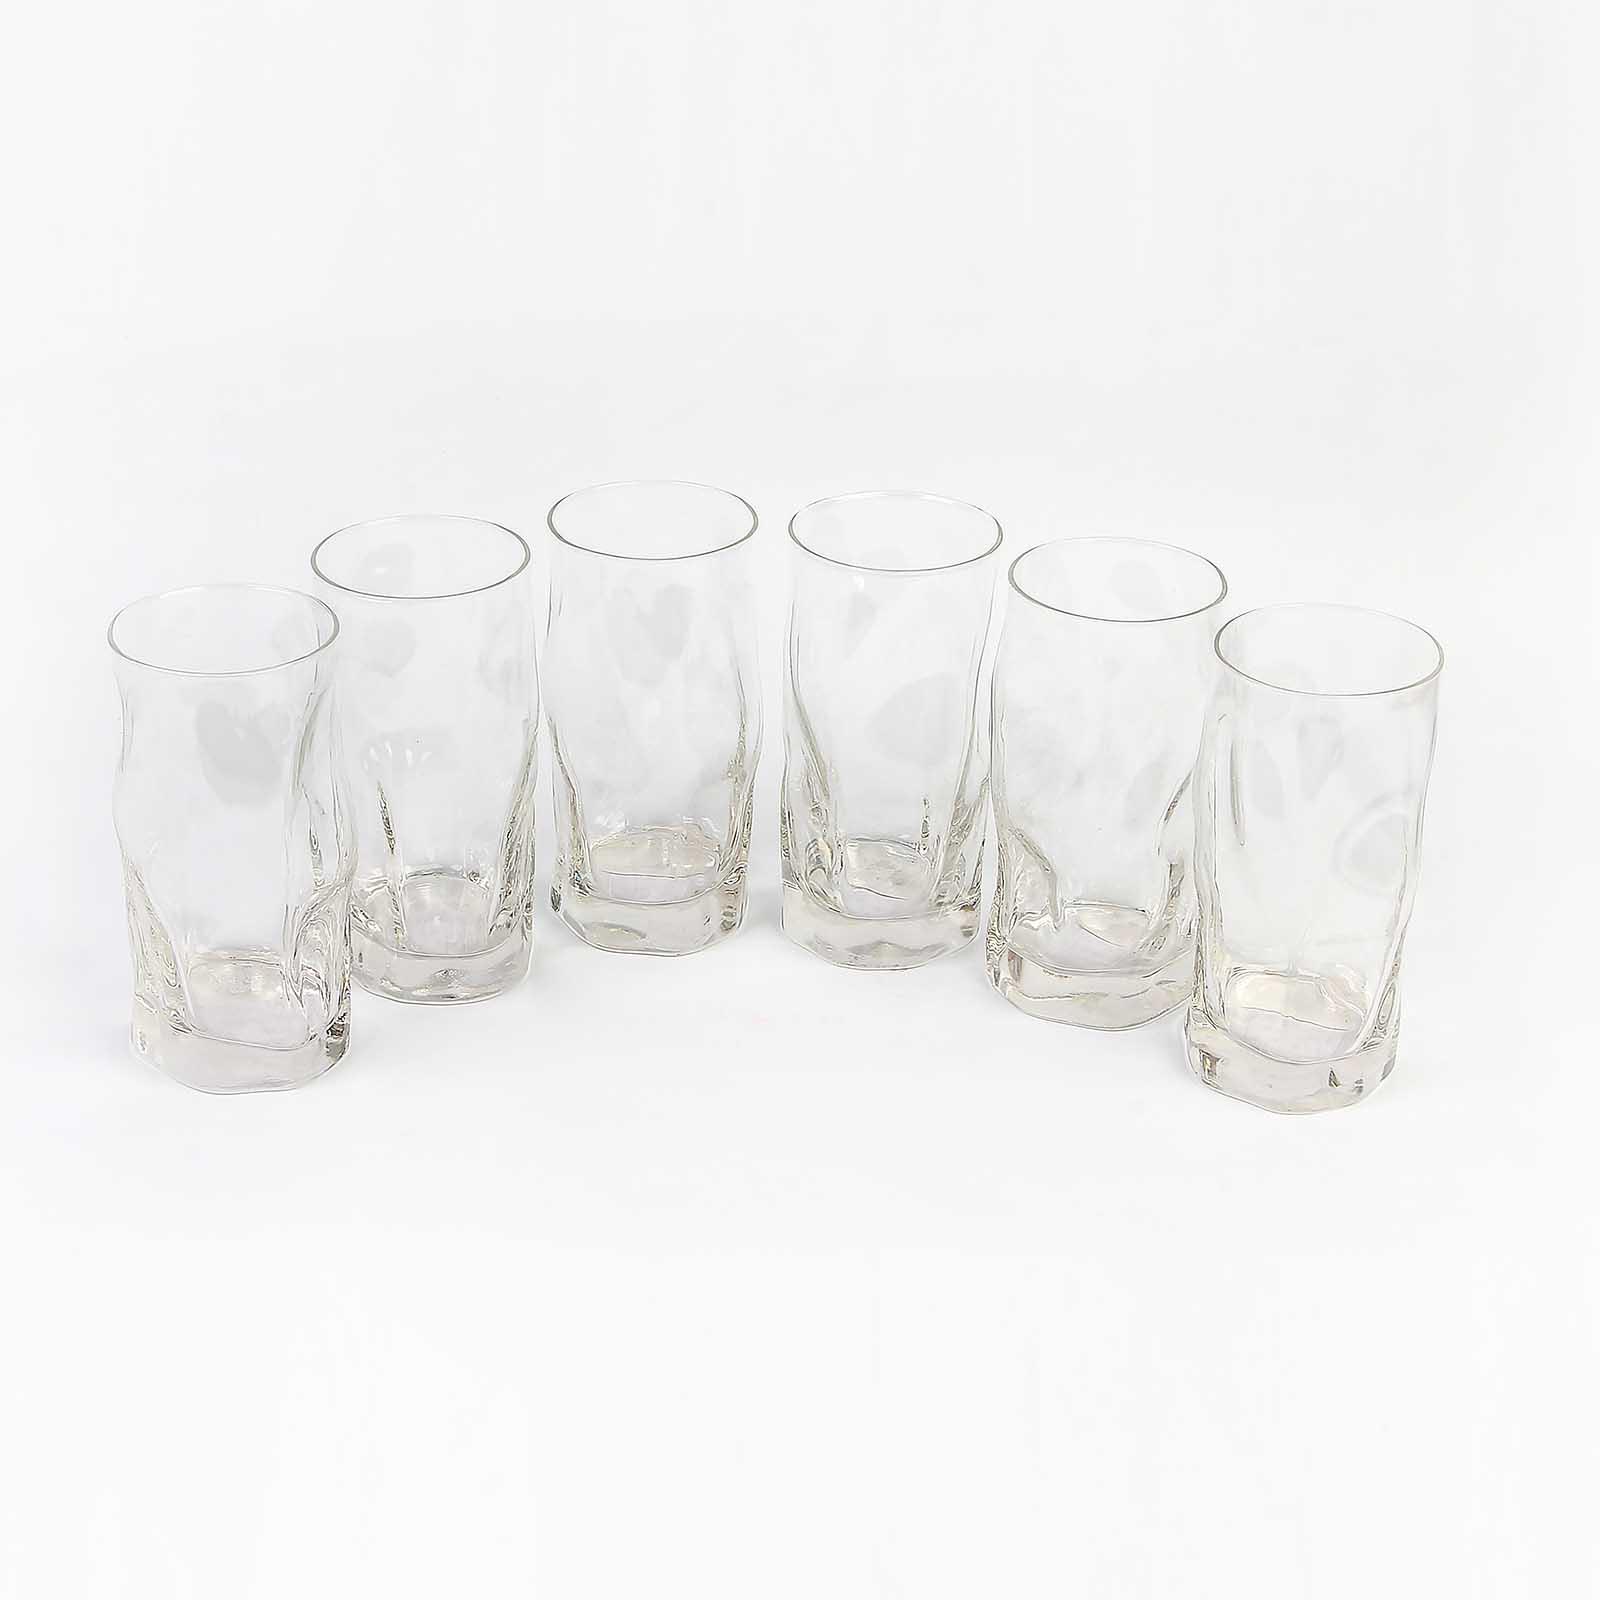 Набор стаканов «Источник жизни», 6 штук